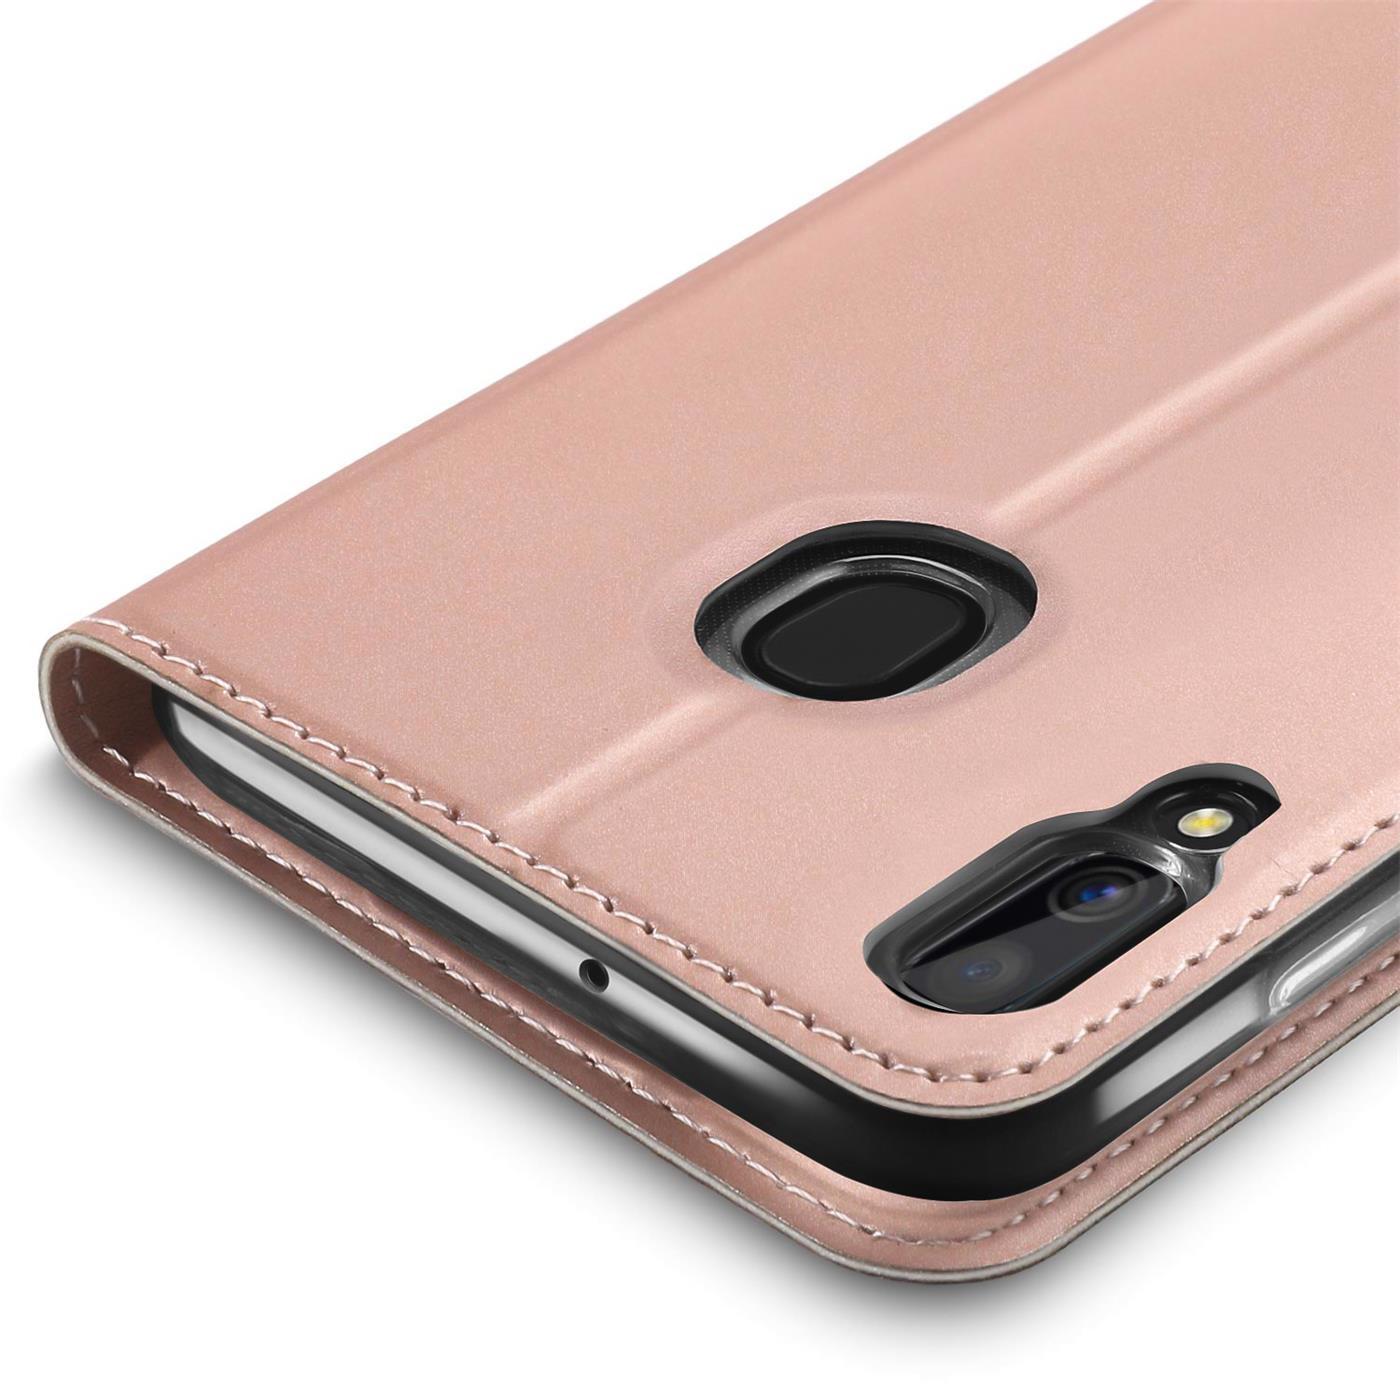 Samsung-Galaxy-A40-Handy-Klapp-Schutz-Huelle-Tasche-Flip-Case-Etui-Schutzhuelle Indexbild 17